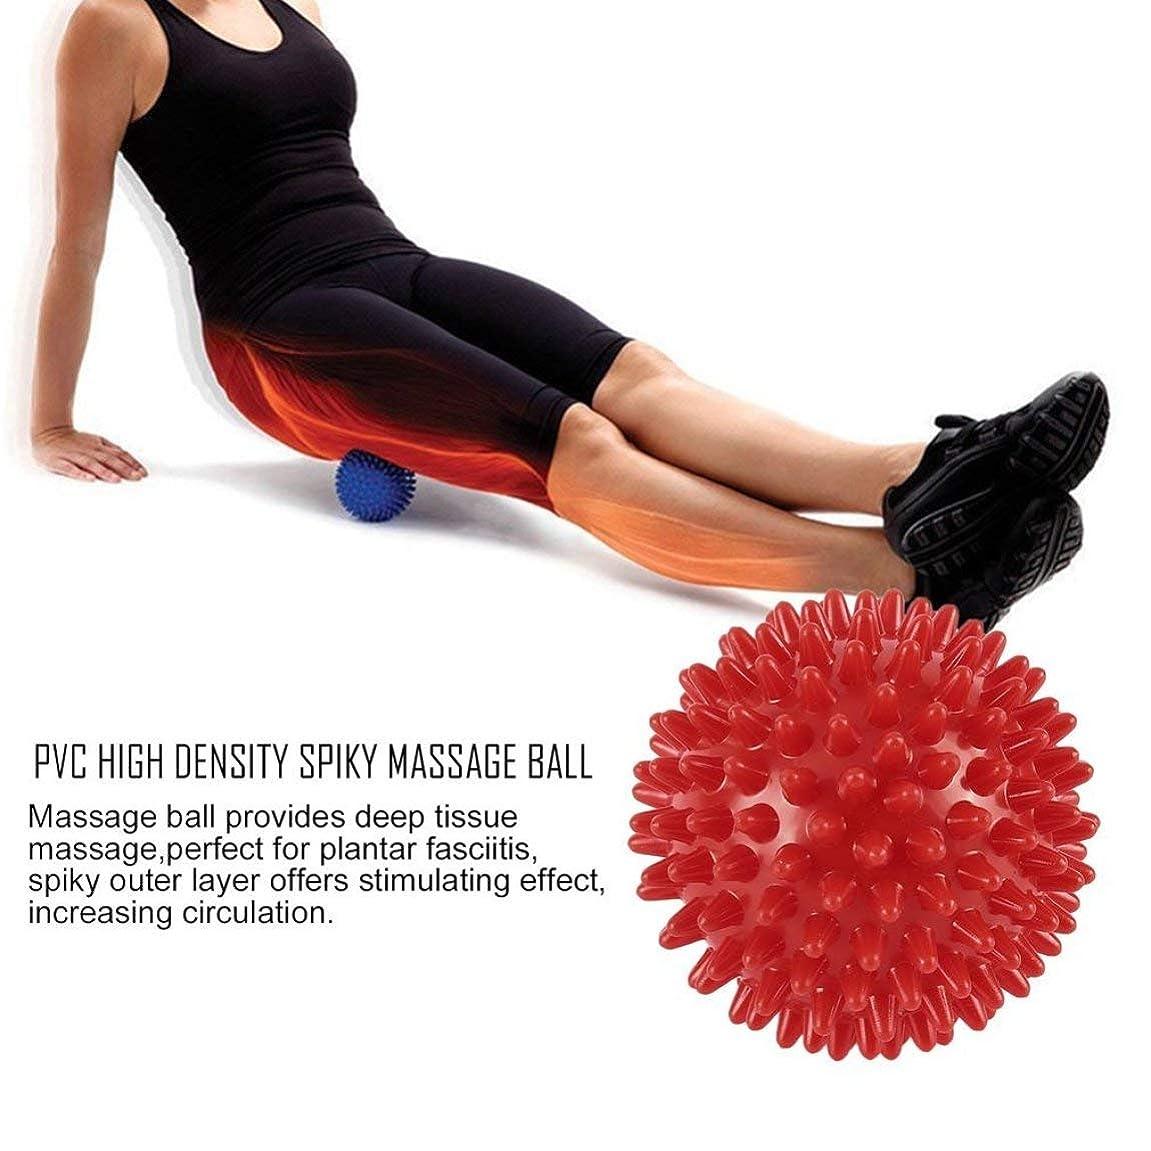 下位櫛効能PVC High Density Spiky Massage Ball Foot Pain & Plantar Fasciitis Reliever Treatment Hedgehog Ball Massage Acupressure Ball